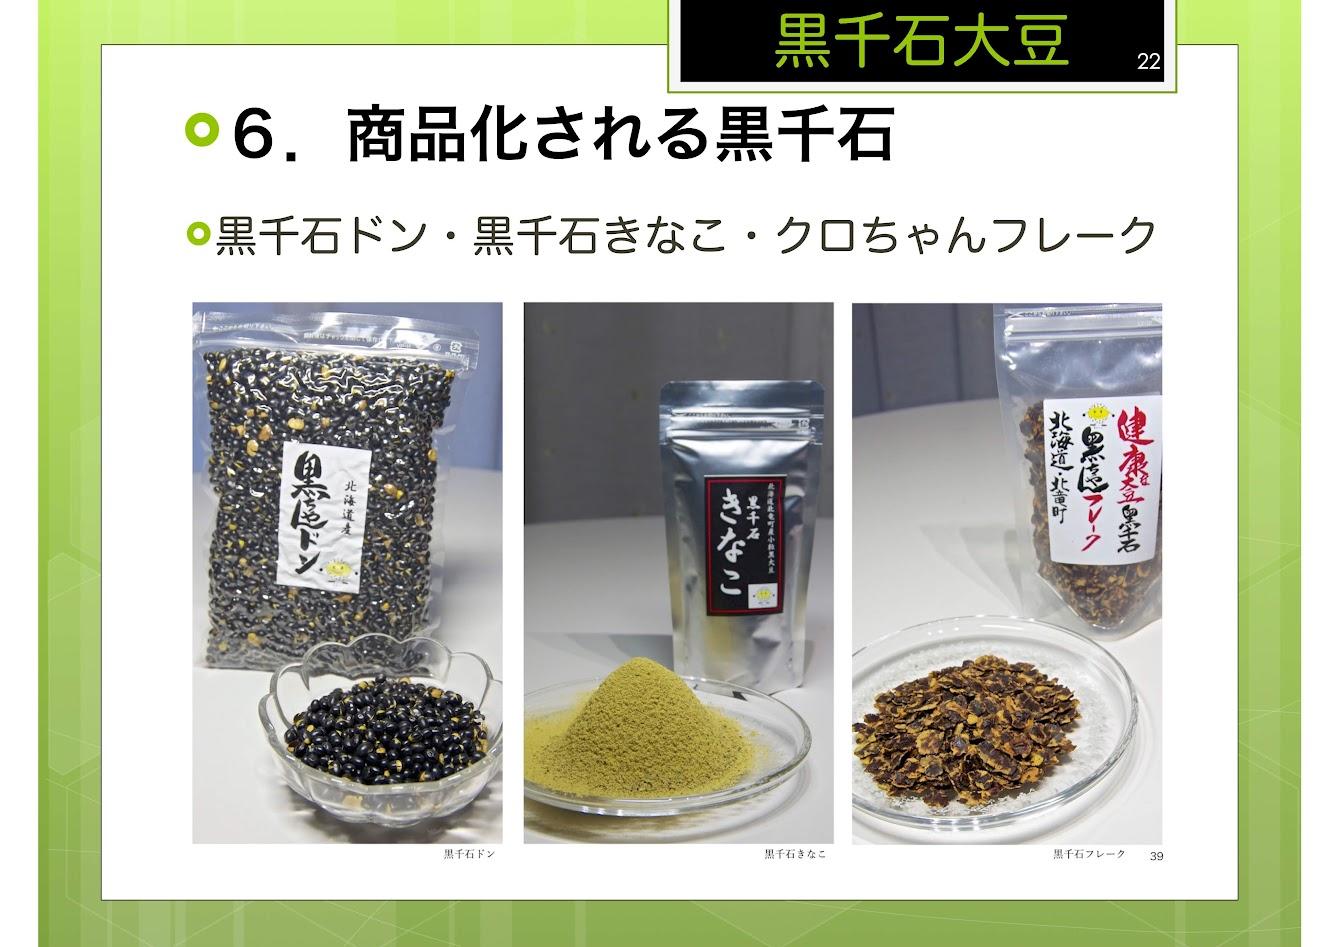 商品化がすすむ黒千石大豆